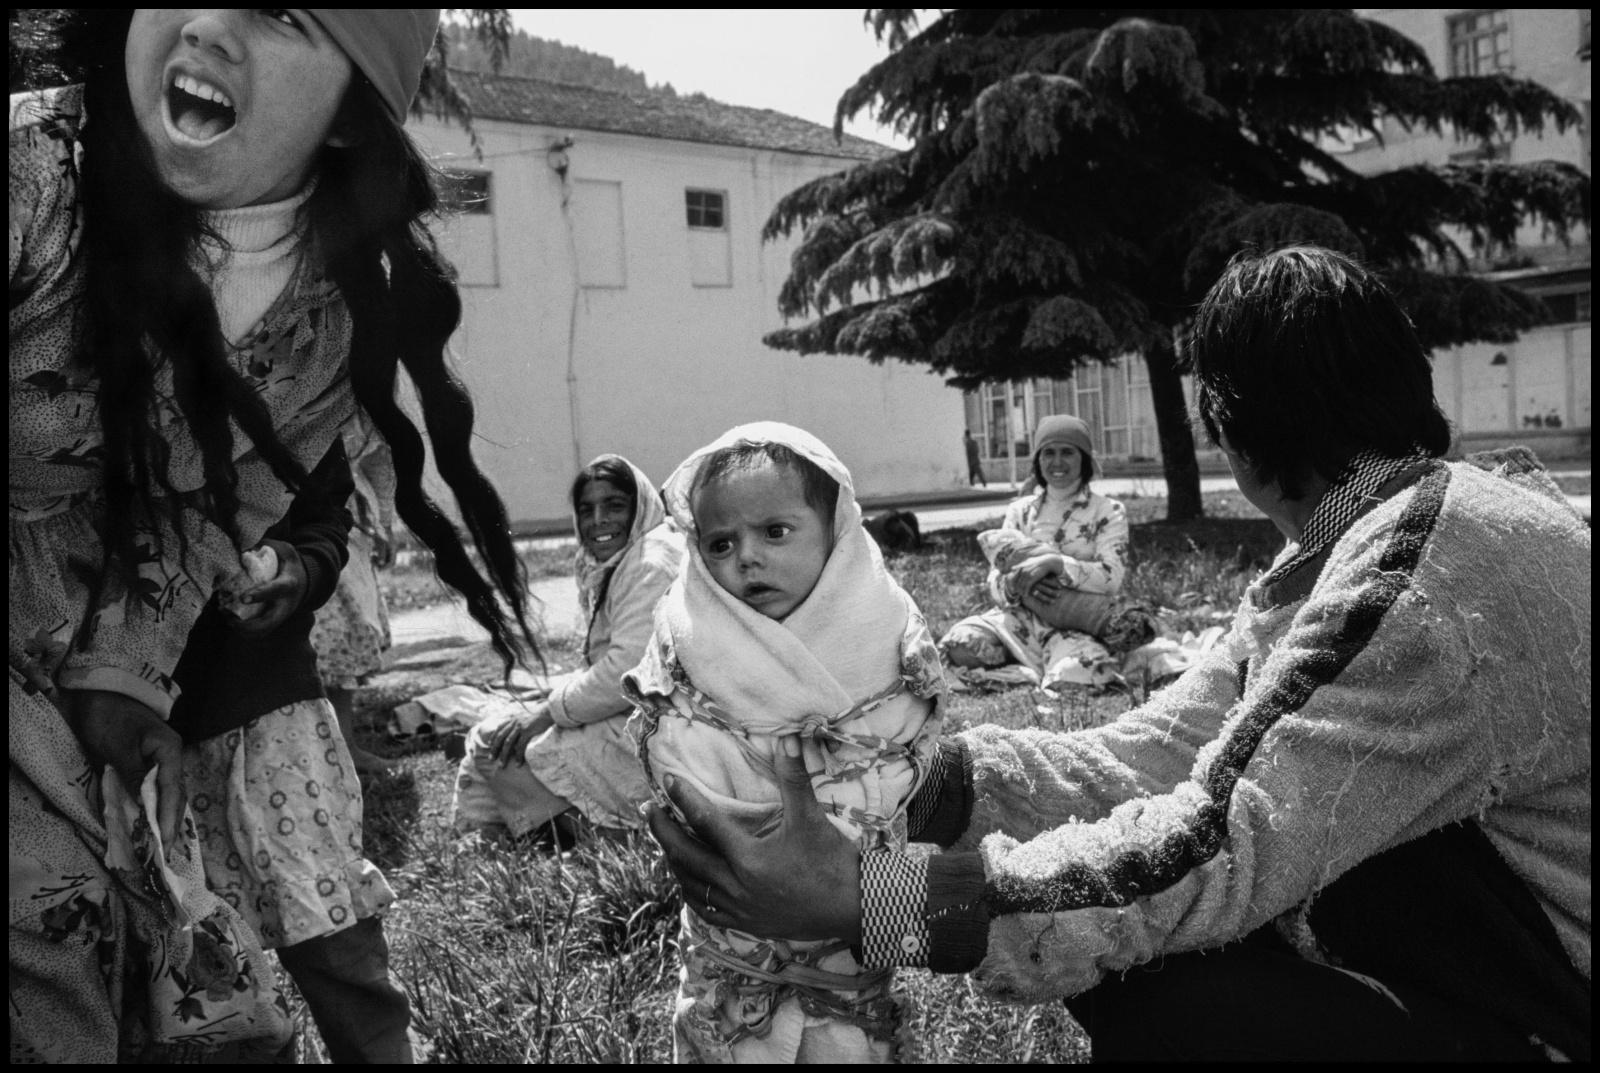 Albania 1989, il paese delle aquile, chiusa al mondo occidentale per quarantacinque anni fino alla caduta ufficiale del regime comunista nel febbraio del 1991.  Una giovane ragazza gitana con suo figlio di pochi giorni